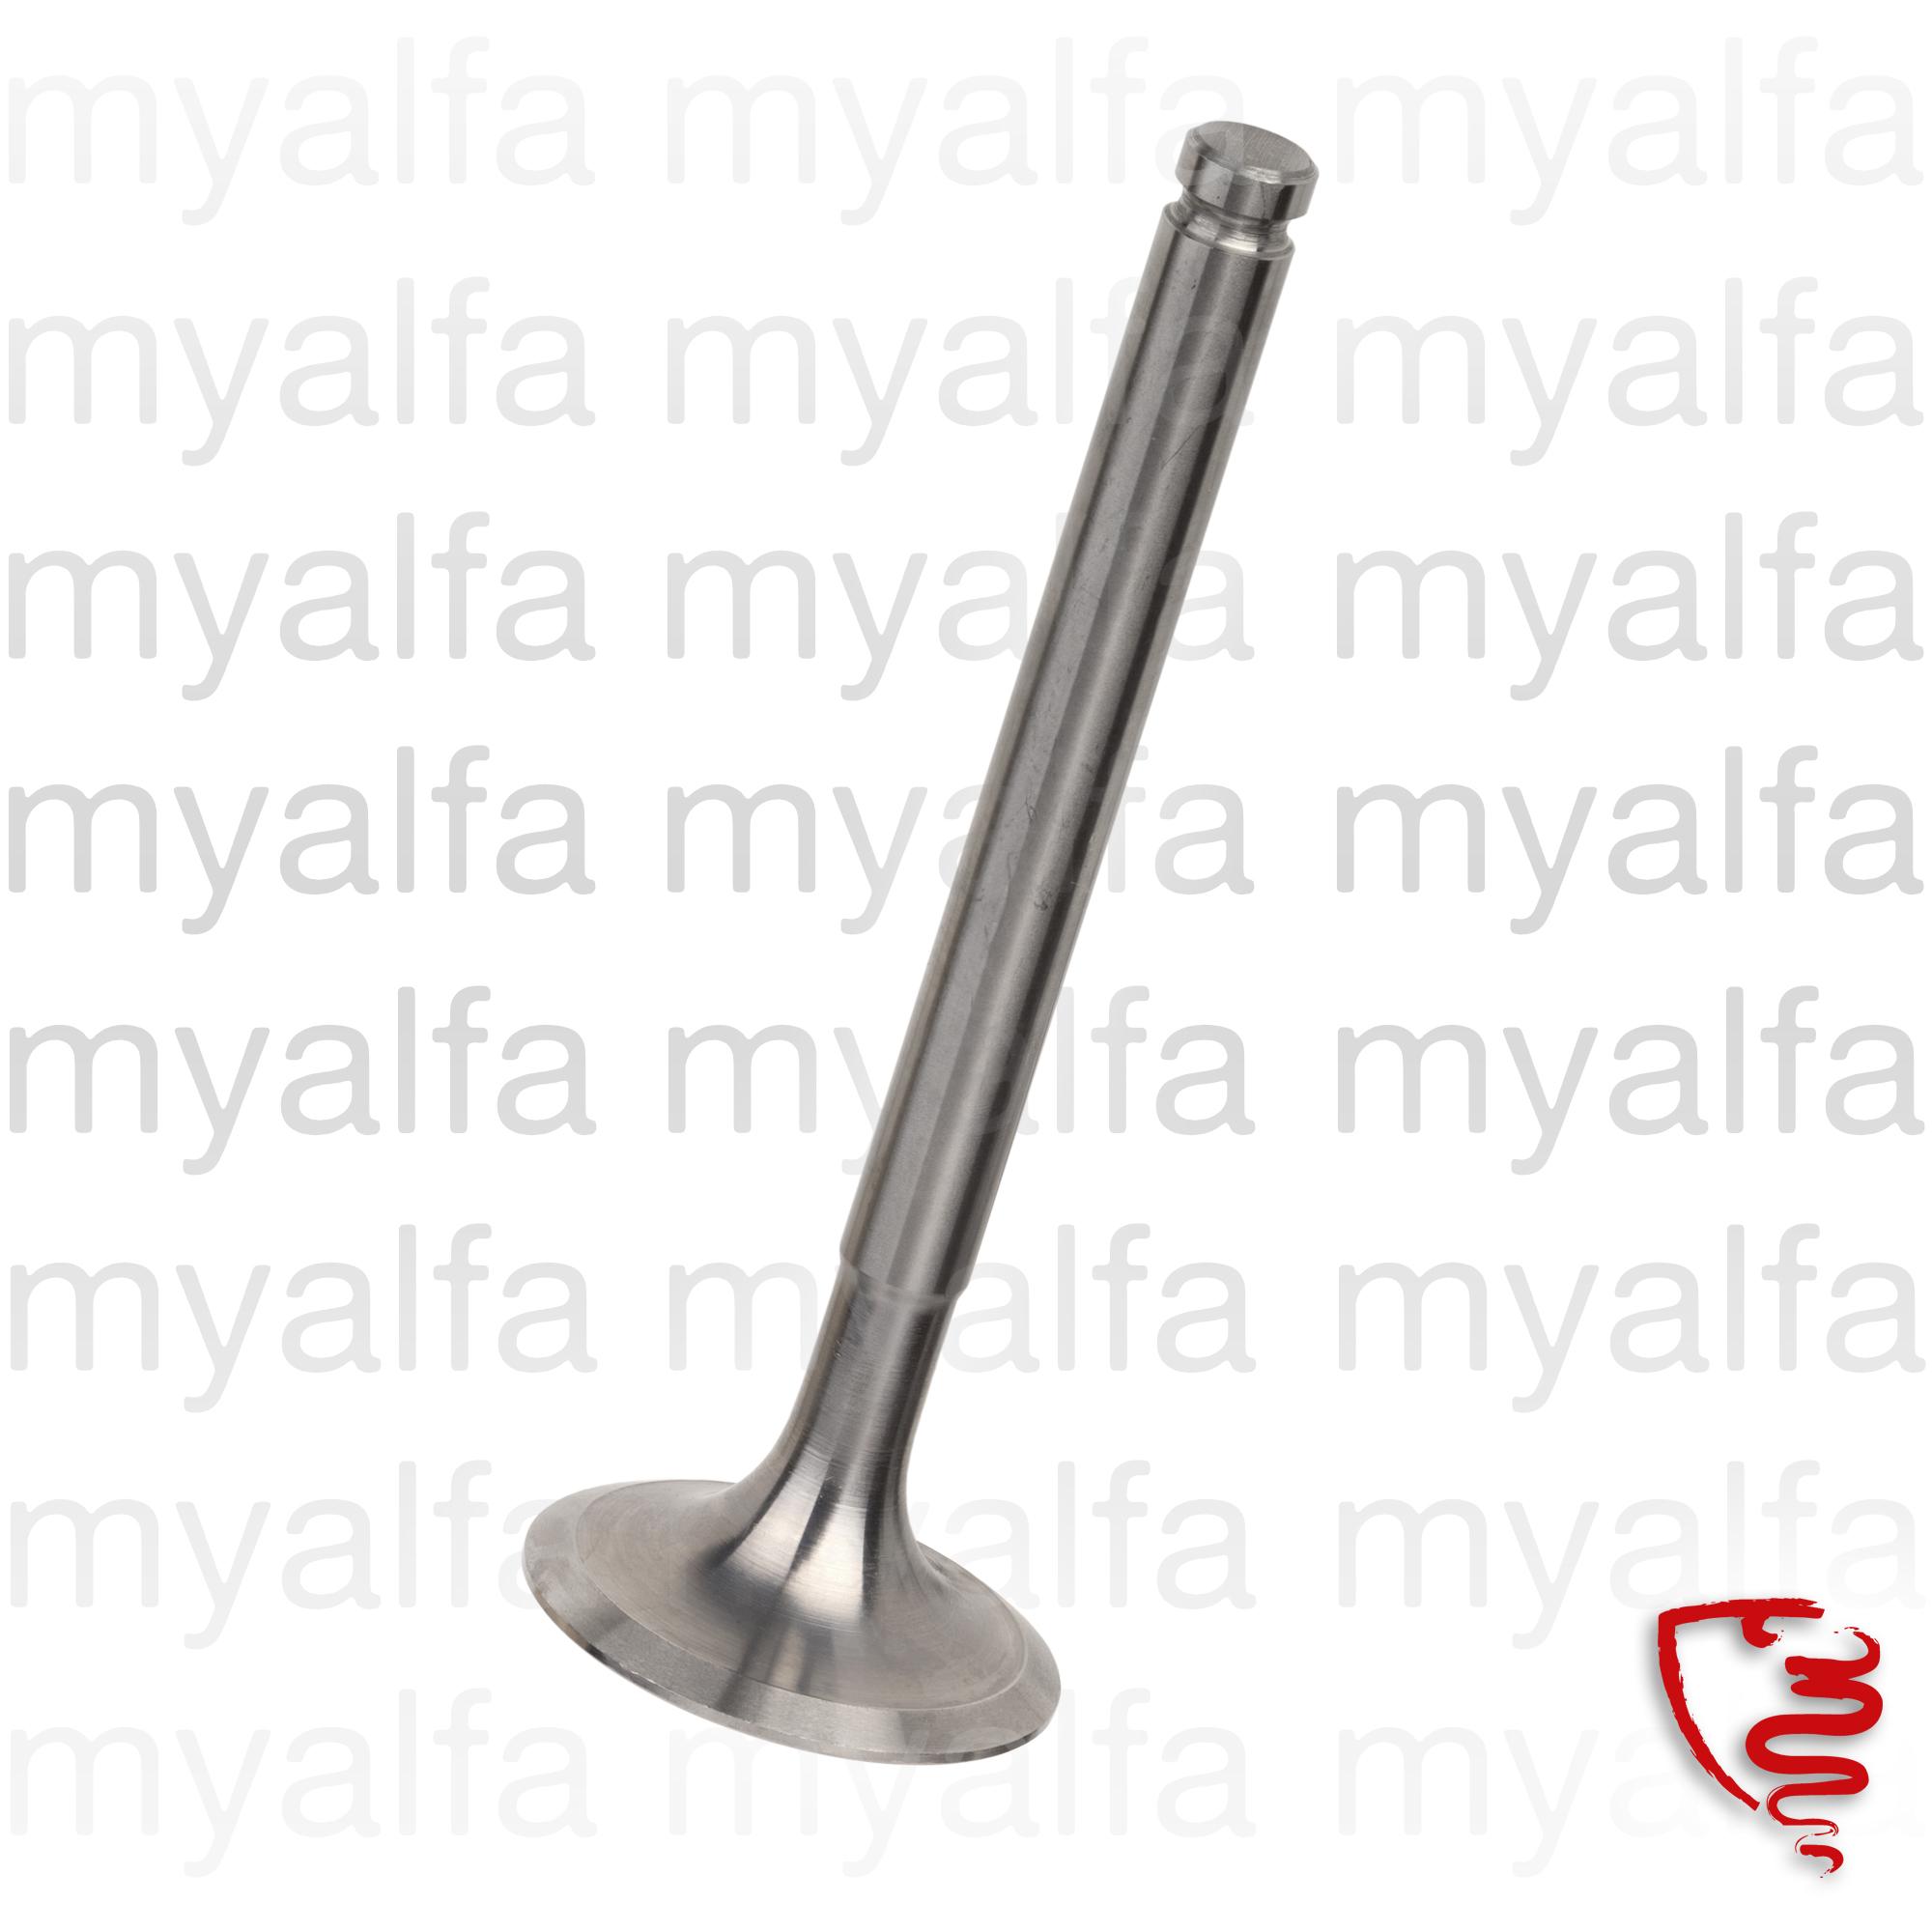 Intake valve 1300 std 37mm for 105/115, Engine, Cylinder head, Valves